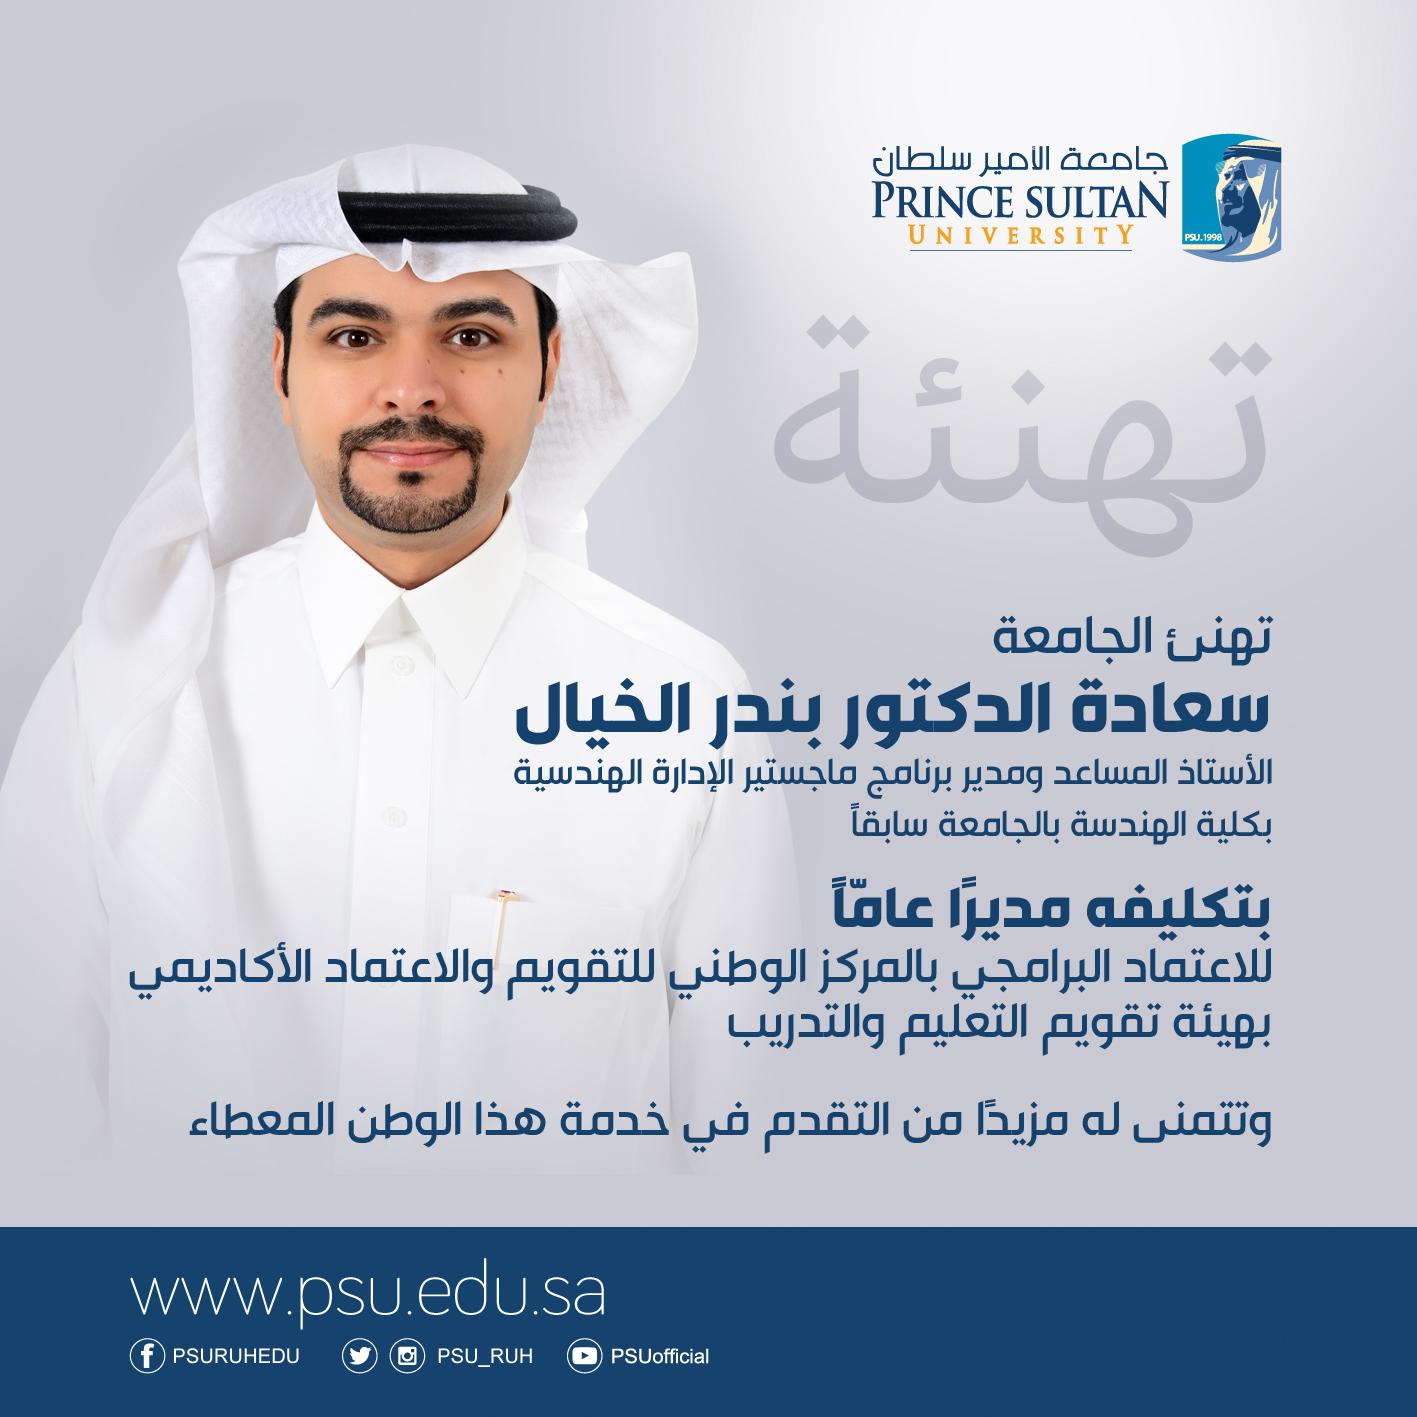 الخيال مديرًا عامًّا للاعتماد البرامجي بالمركز الوطني للتقويم والاعتماد الأكاديمي